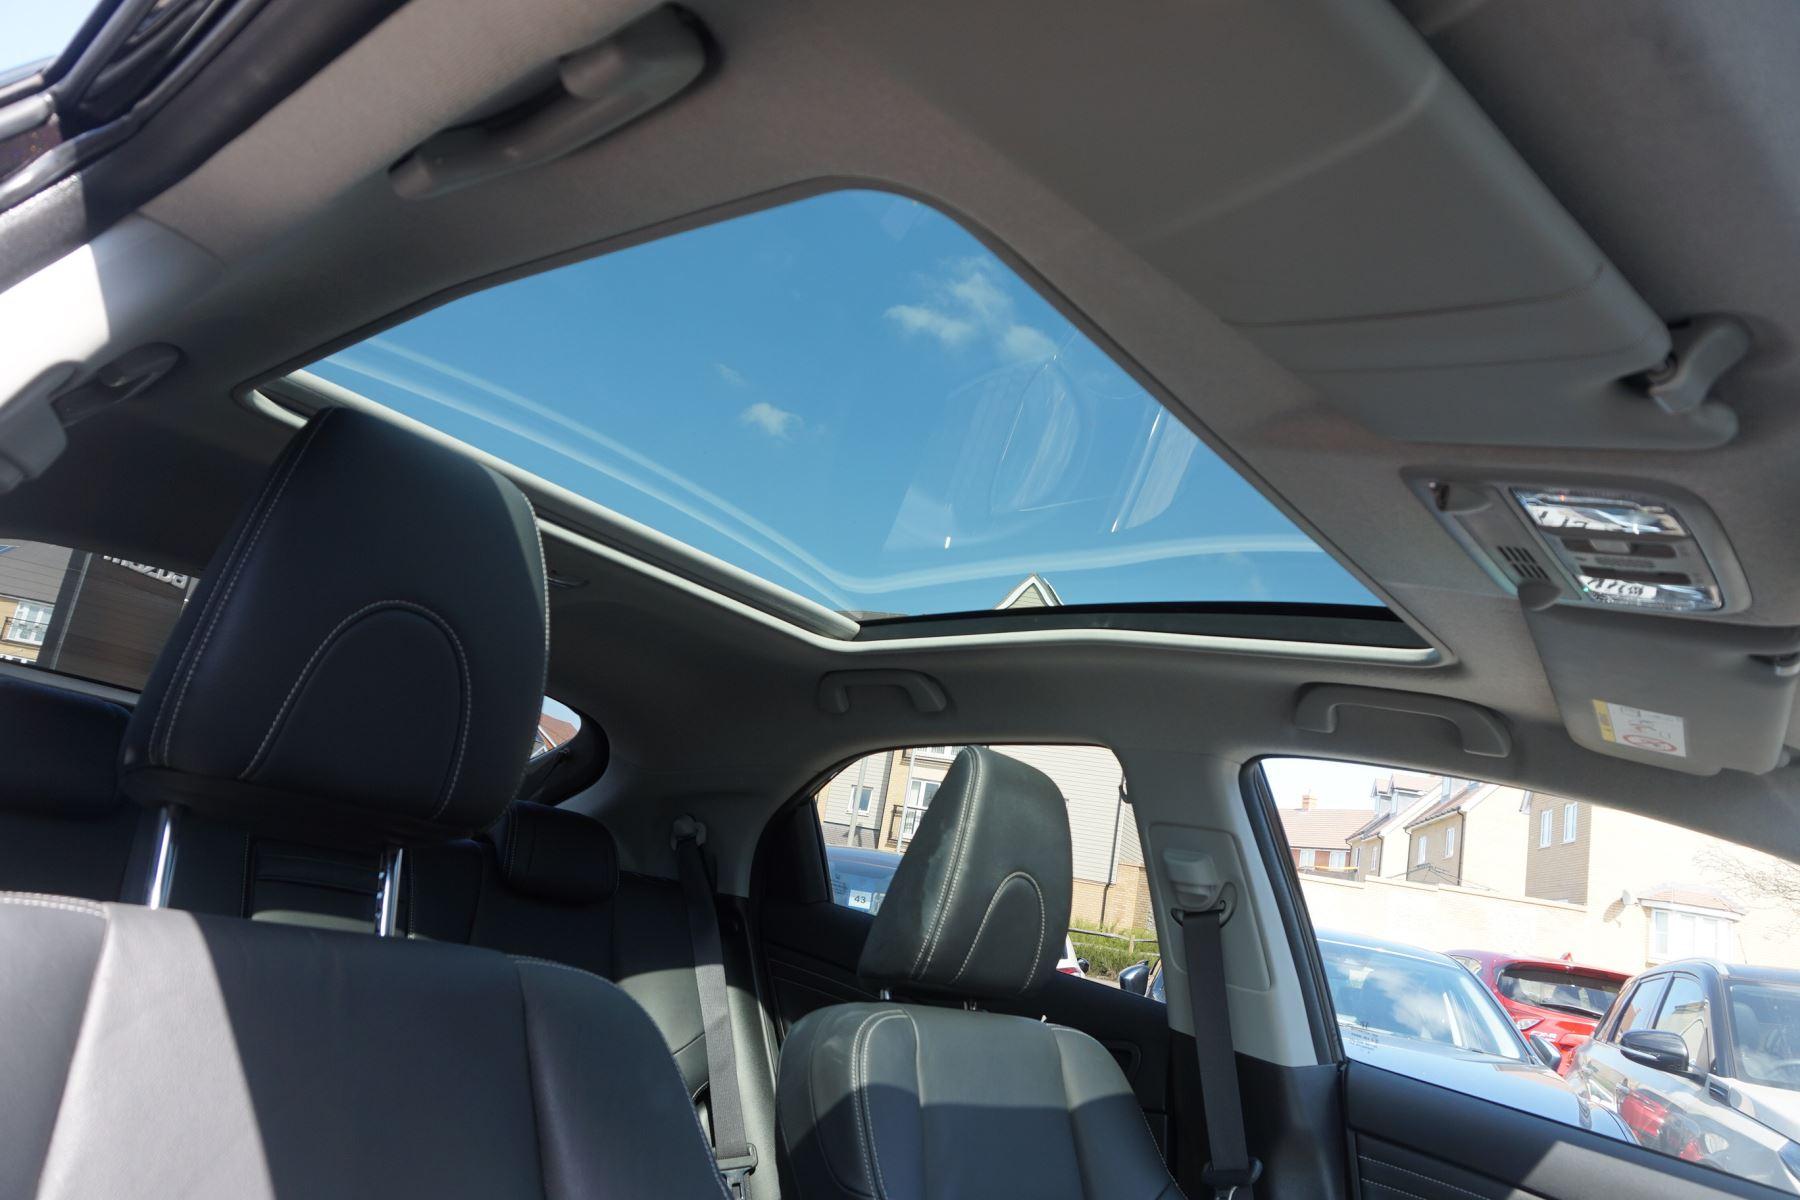 Honda Civic 1.6 i-DTEC SR 5dr image 18